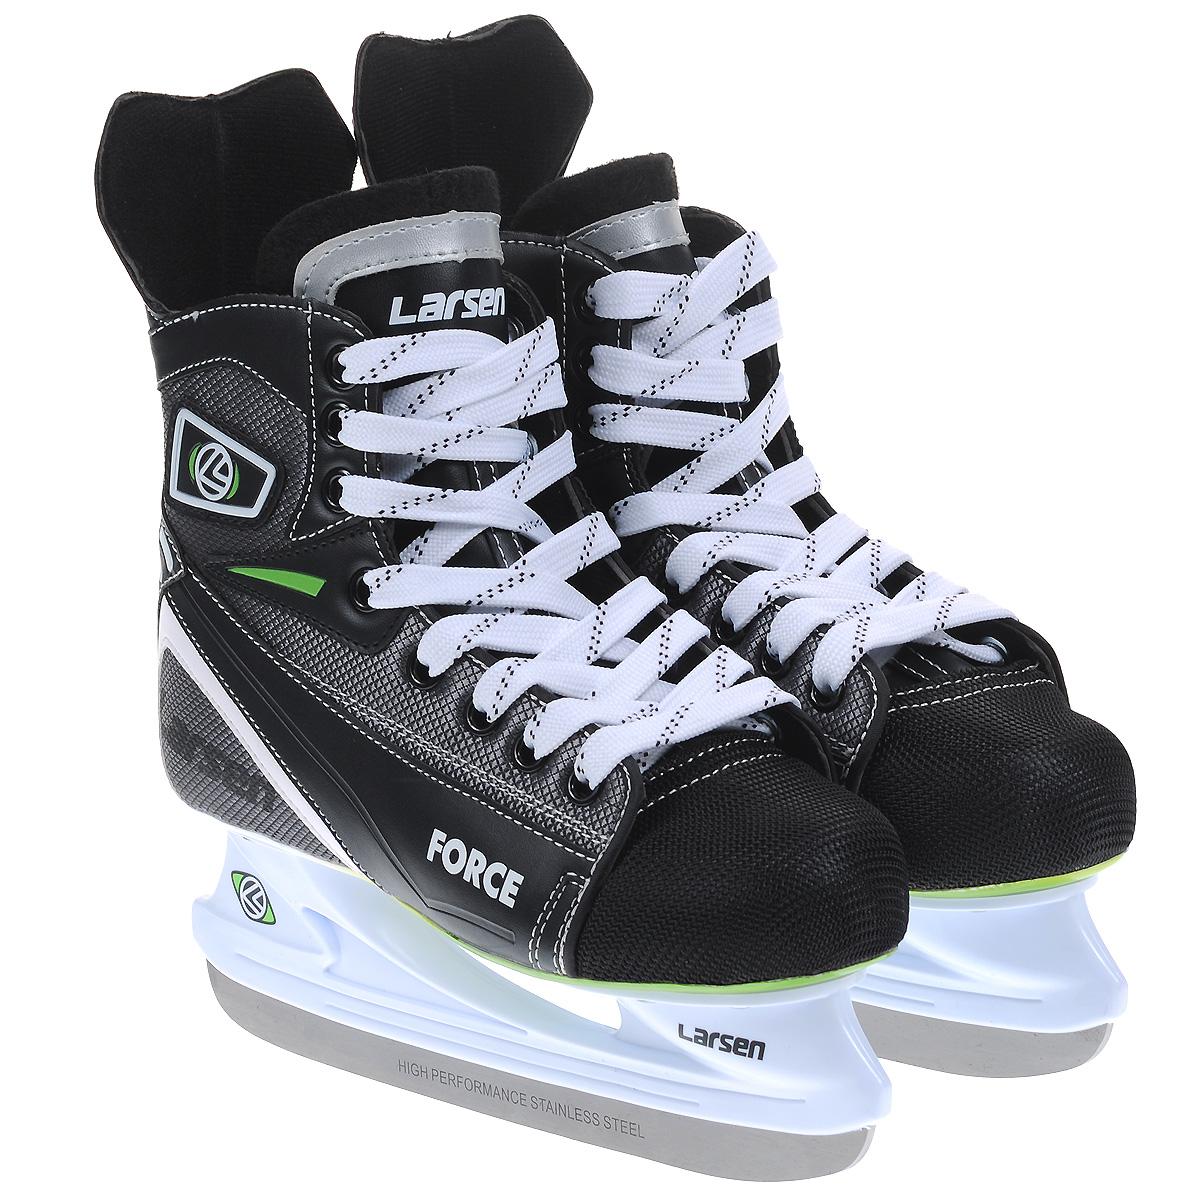 Коньки хоккейные мужские Larsen Force, цвет: черный, серый. Размер 41Force_черный, серый_41Хоккейные коньки Force от Larsen прекрасно подойдут для начинающих игроков в хоккей. Ботинок выполнен из морозоустойчивого поливинилхлорида, мыс - из полипропилена, который защитит ноги от ударов, покрытого сетчатым нейлоном плотностью 800D. Внутренний слой изготовлен из мягкого материала Cambrelle, который обеспечит тепло и комфорт во время катания, язычок войлочный. Поролоновый утеплитель не позволит вашим ногам замерзнуть. Плотная шнуровка надежно фиксирует модель на ноге. Удобный суппорт голеностопа. Стелька из материала EVA обеспечит комфортное катание. Стойка выполнена из ударопрочного пластика. Лезвие из высокоуглеродистой стали жесткостью HRC 50-52 обеспечит превосходное скольжение.